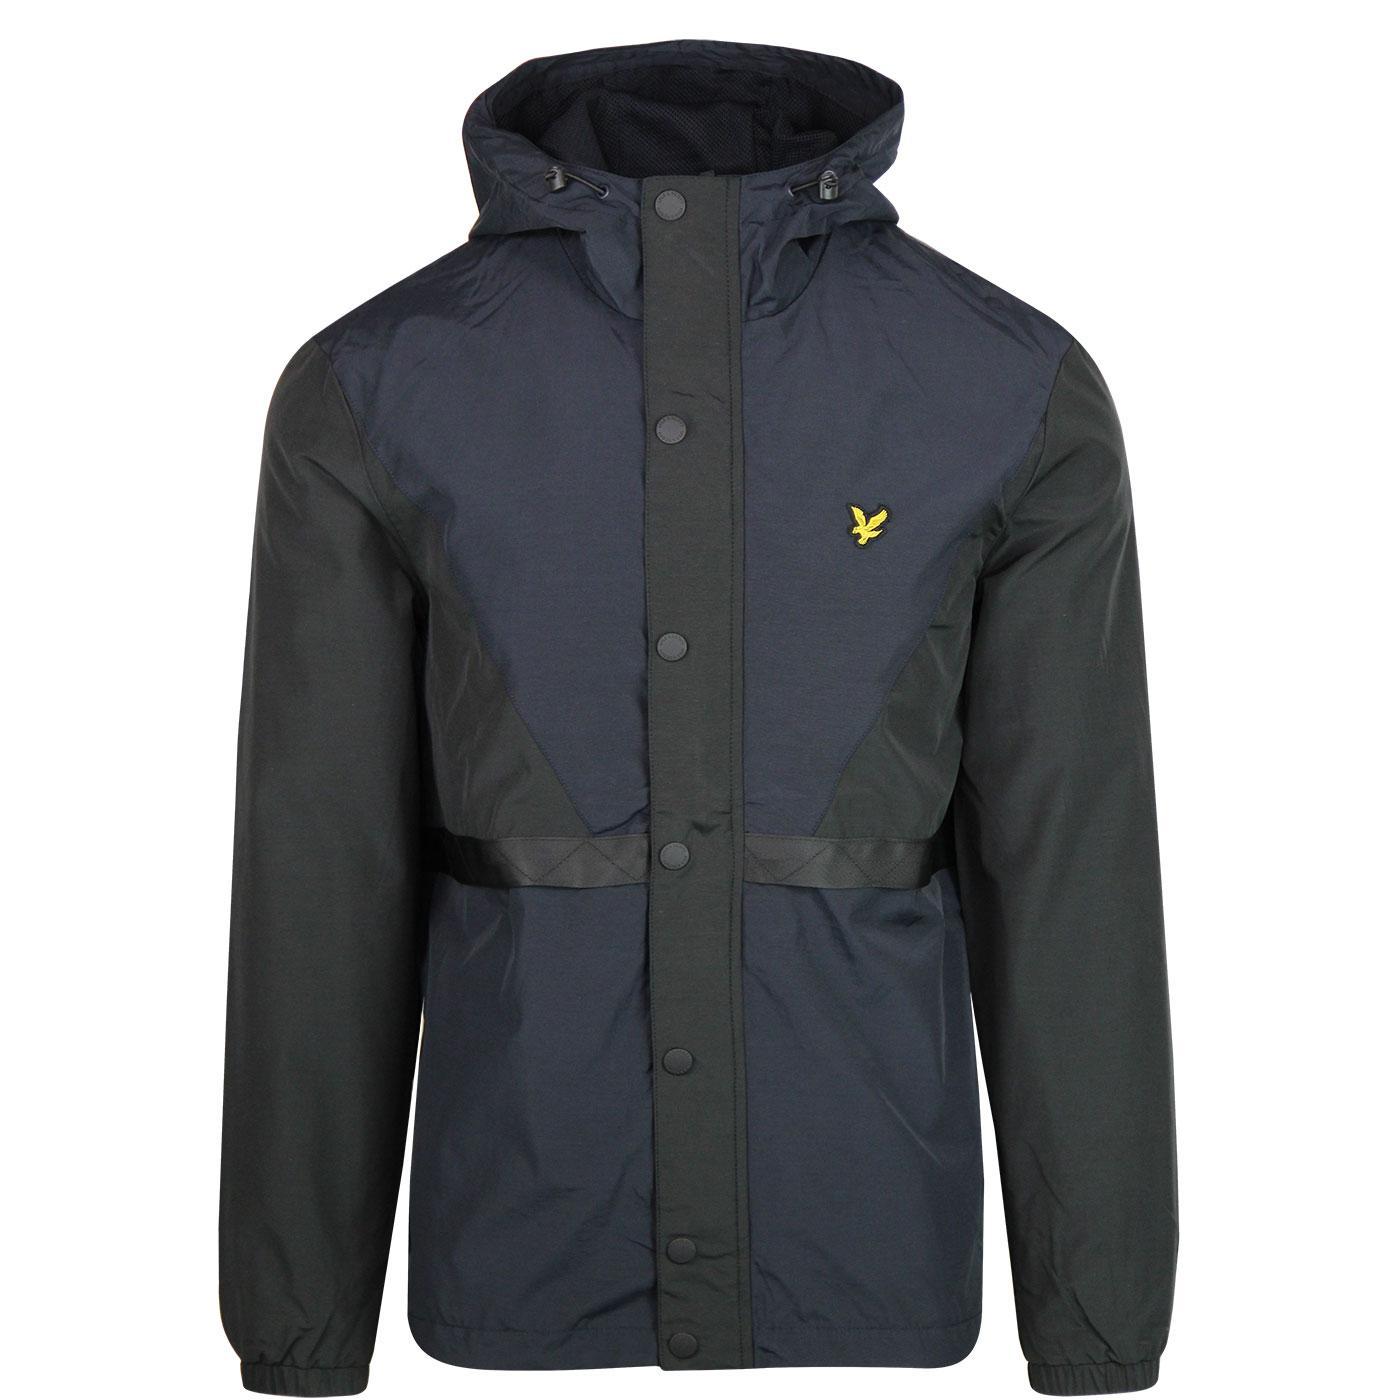 LYLE & SCOTT Colour Block Terrace Jacket (Black)